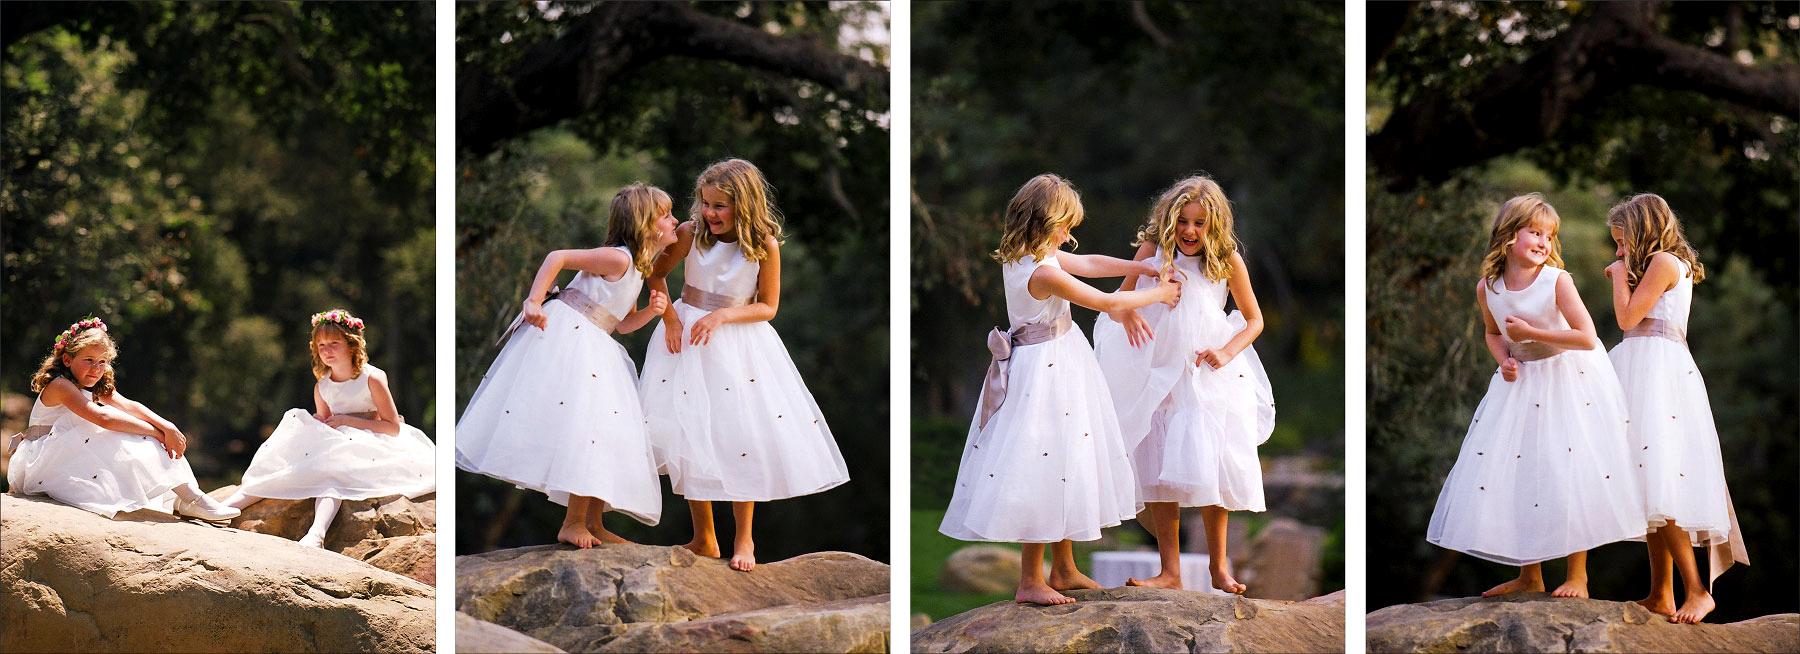 Faves_045_Montecito-Private-Estate-Wedding_01_v3